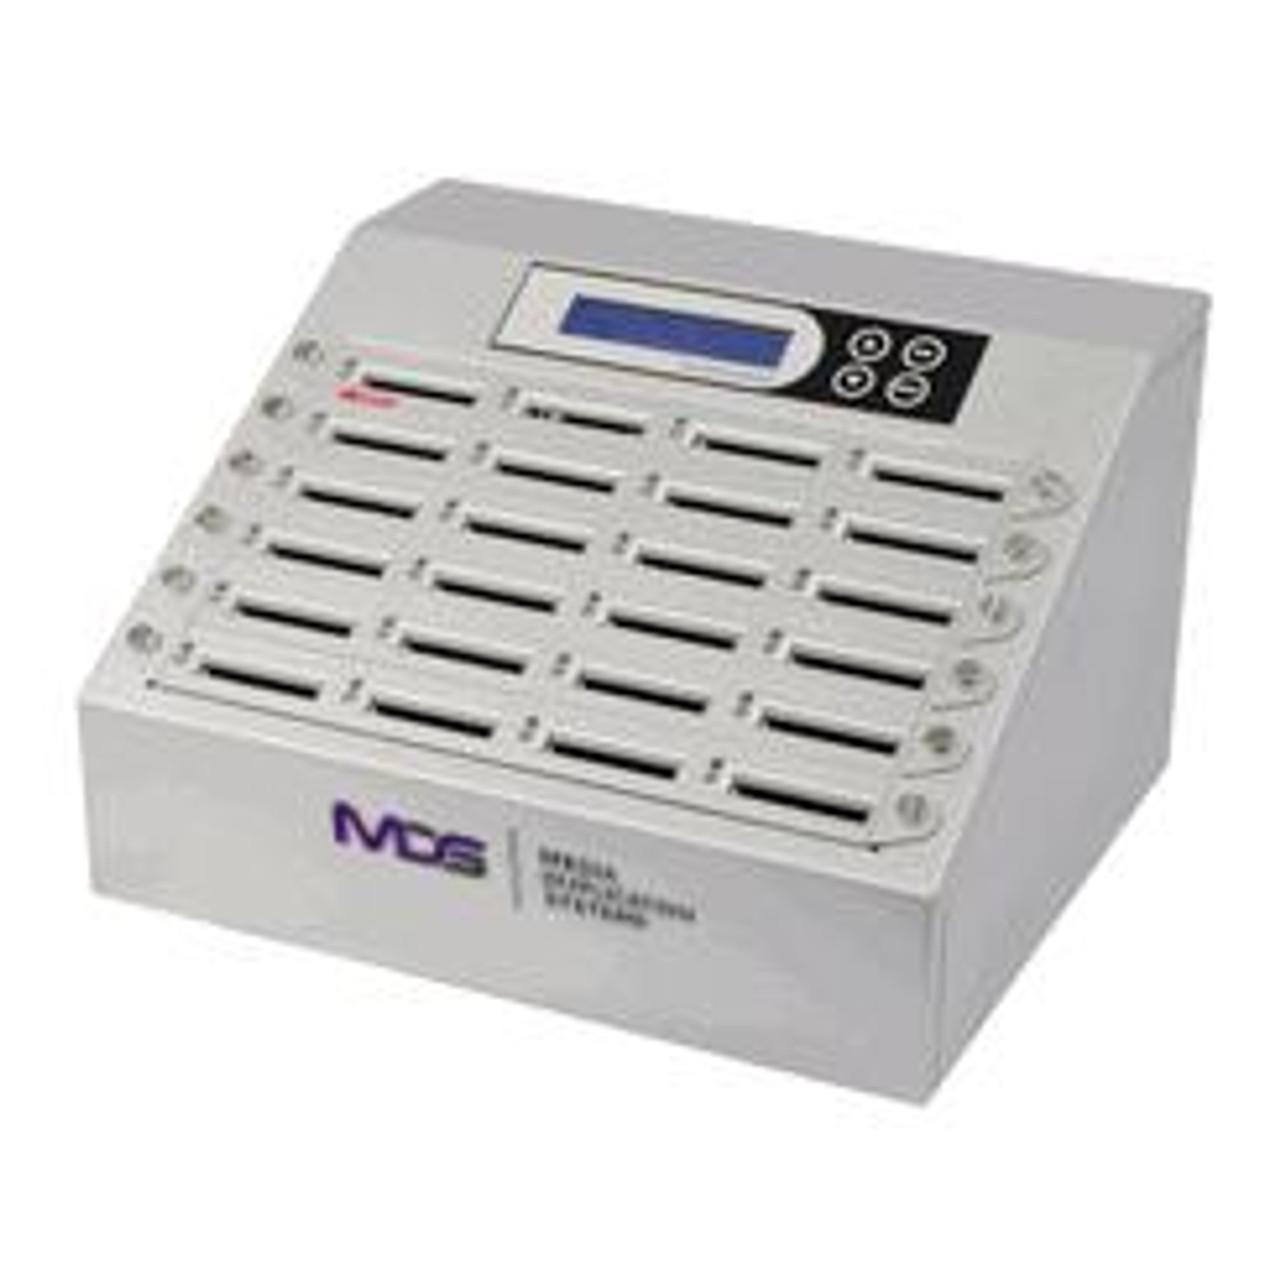 DupliCF 1 to 39 CF Memory Card Duplicator and Eraser